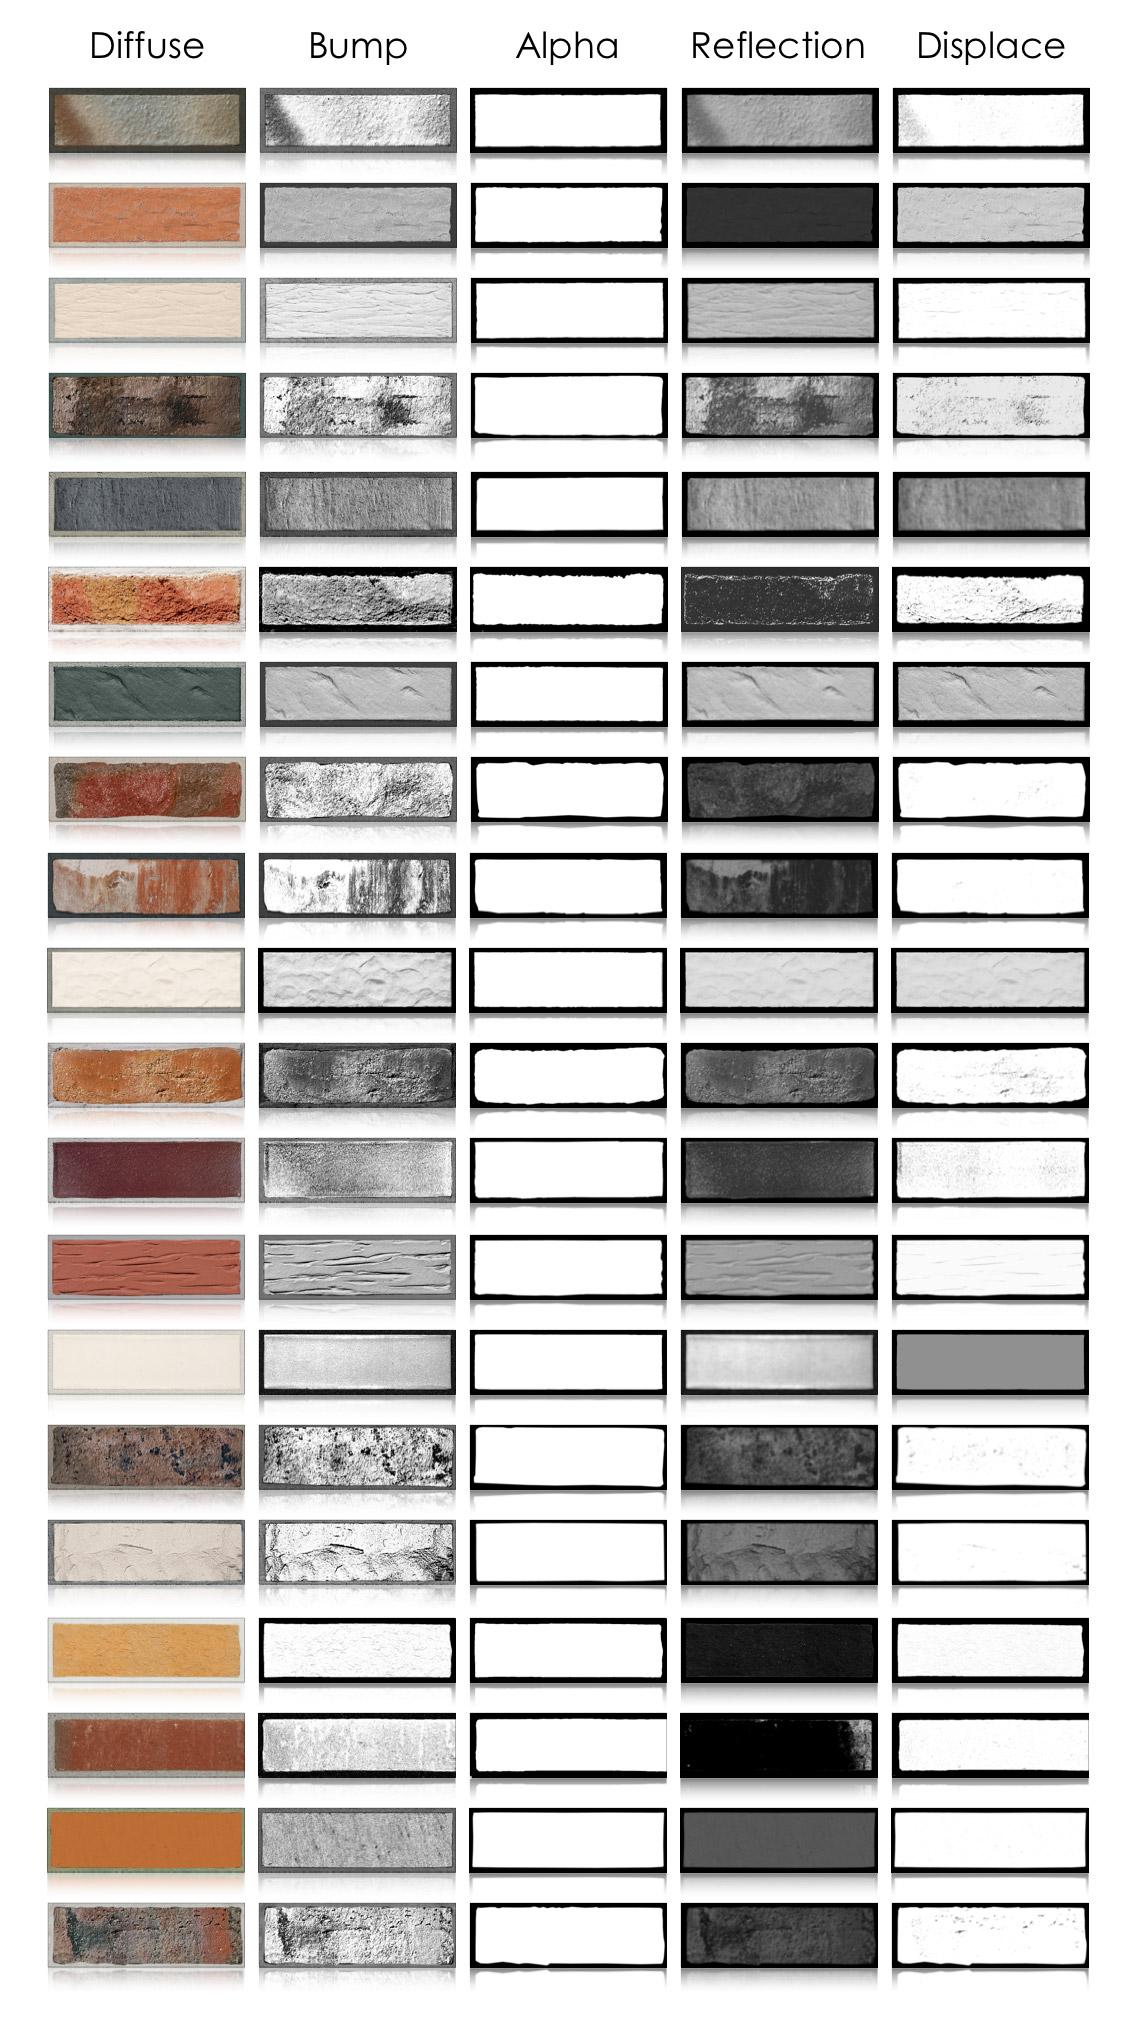 Single brick layers